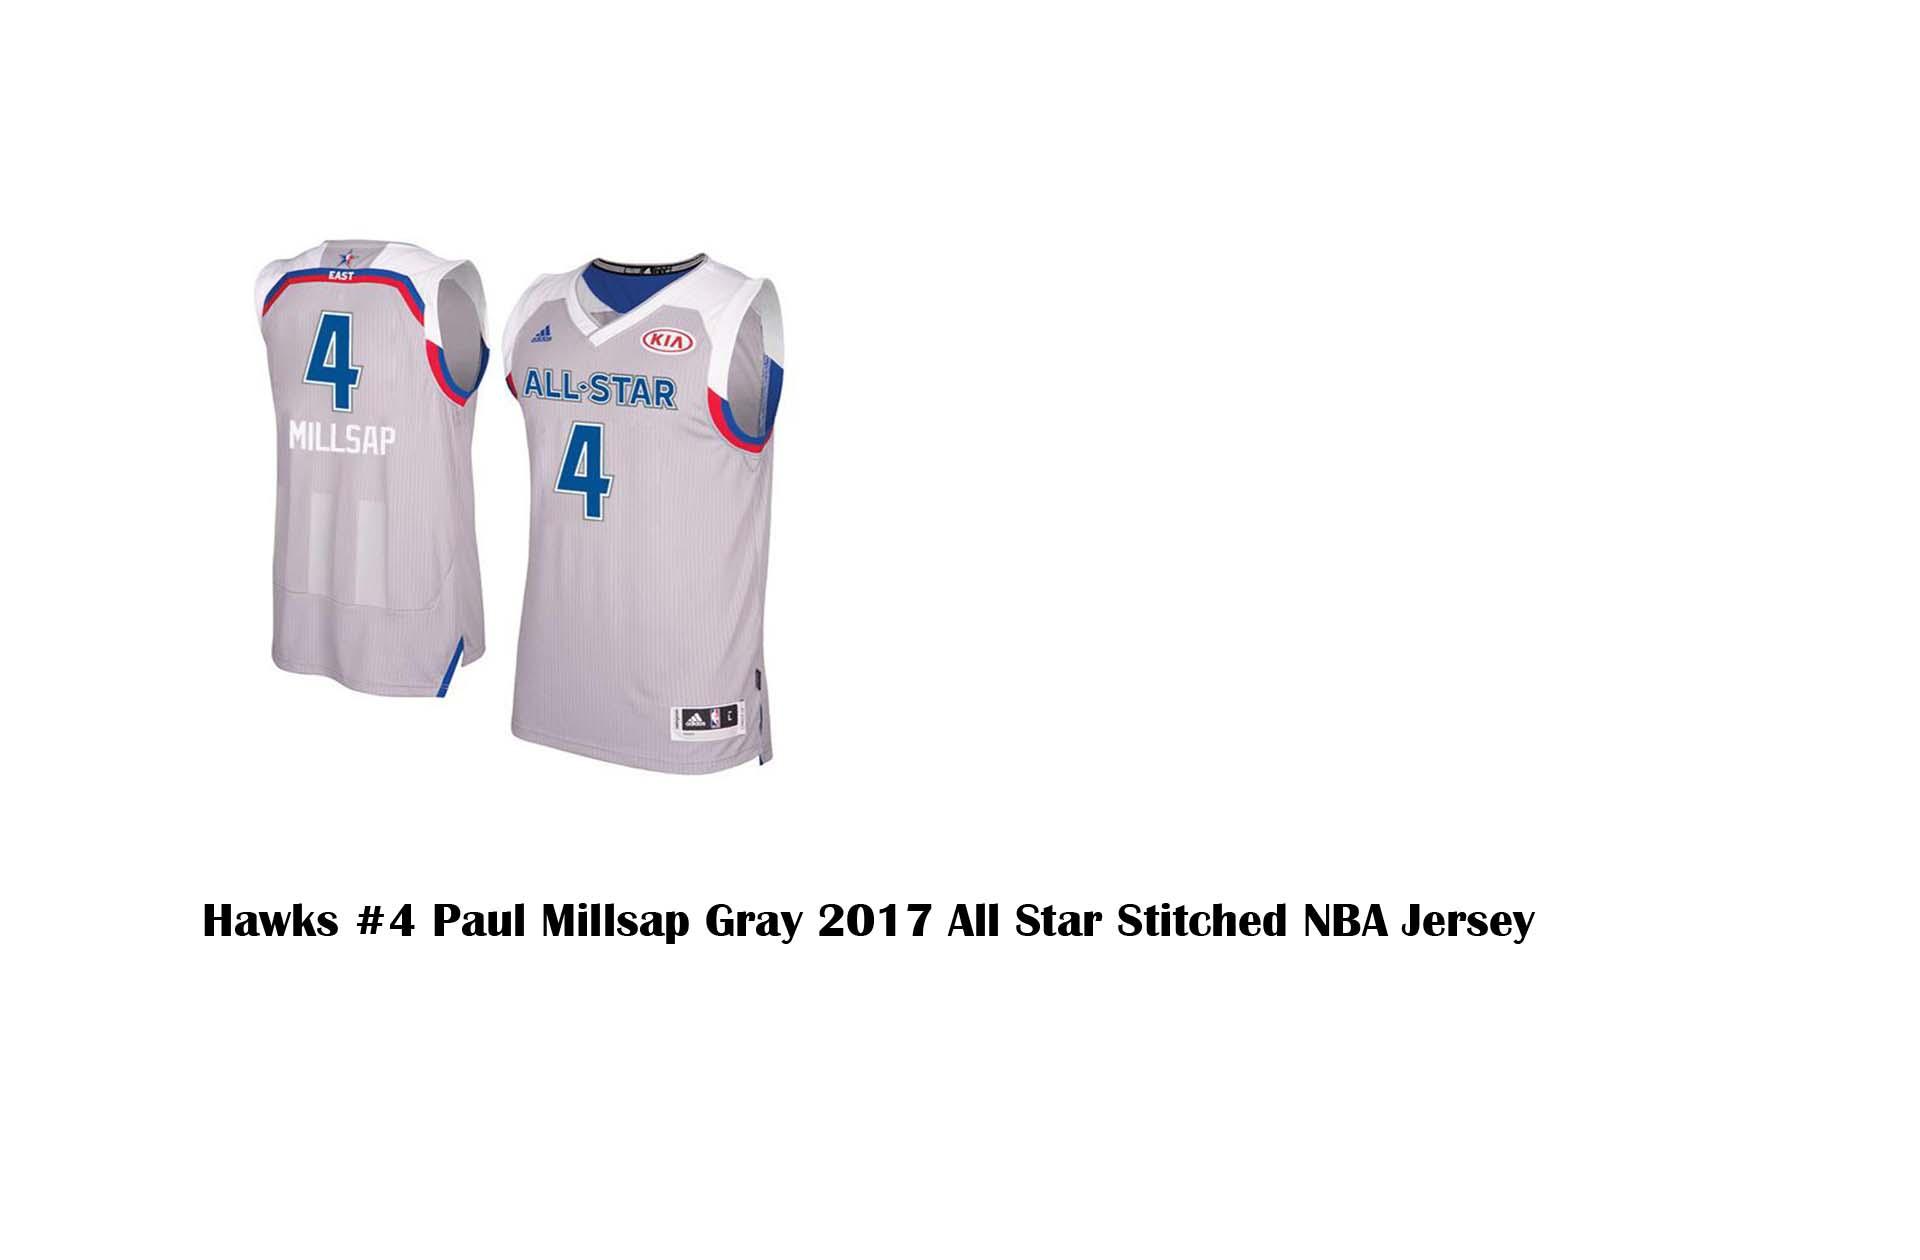 685765d6ed42 Hawks  4 Paul Millsap Gray 2017 All Star Stitched NBA Jersey ...